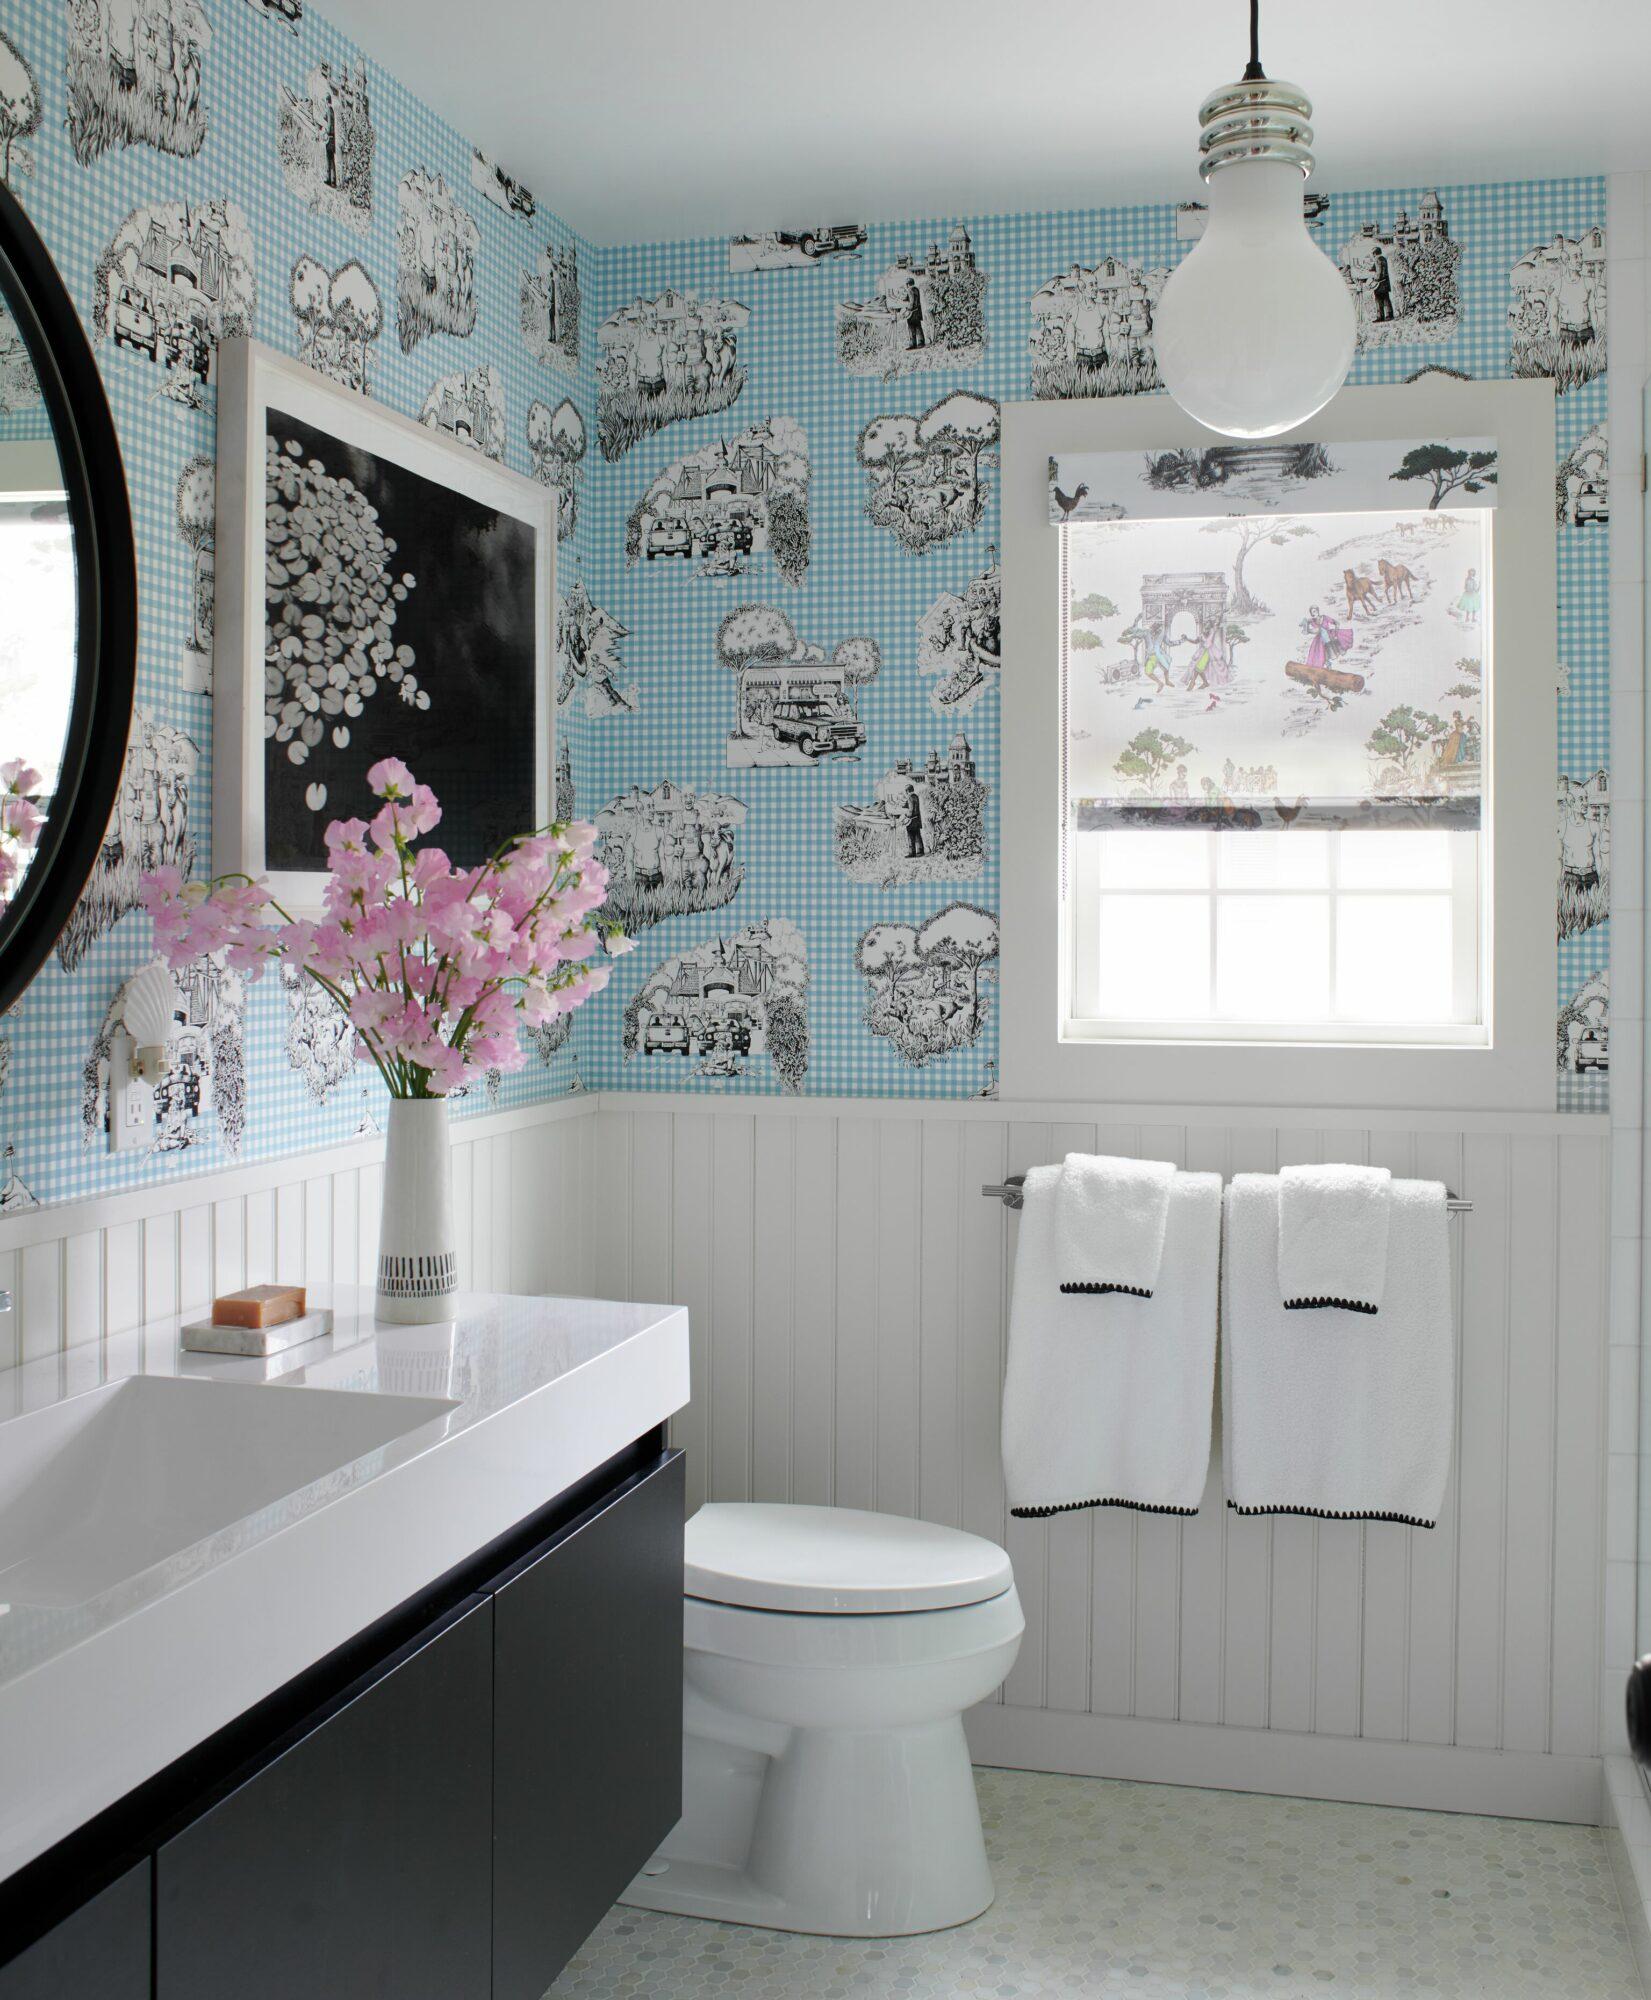 harlem toile de juoy in bathroom